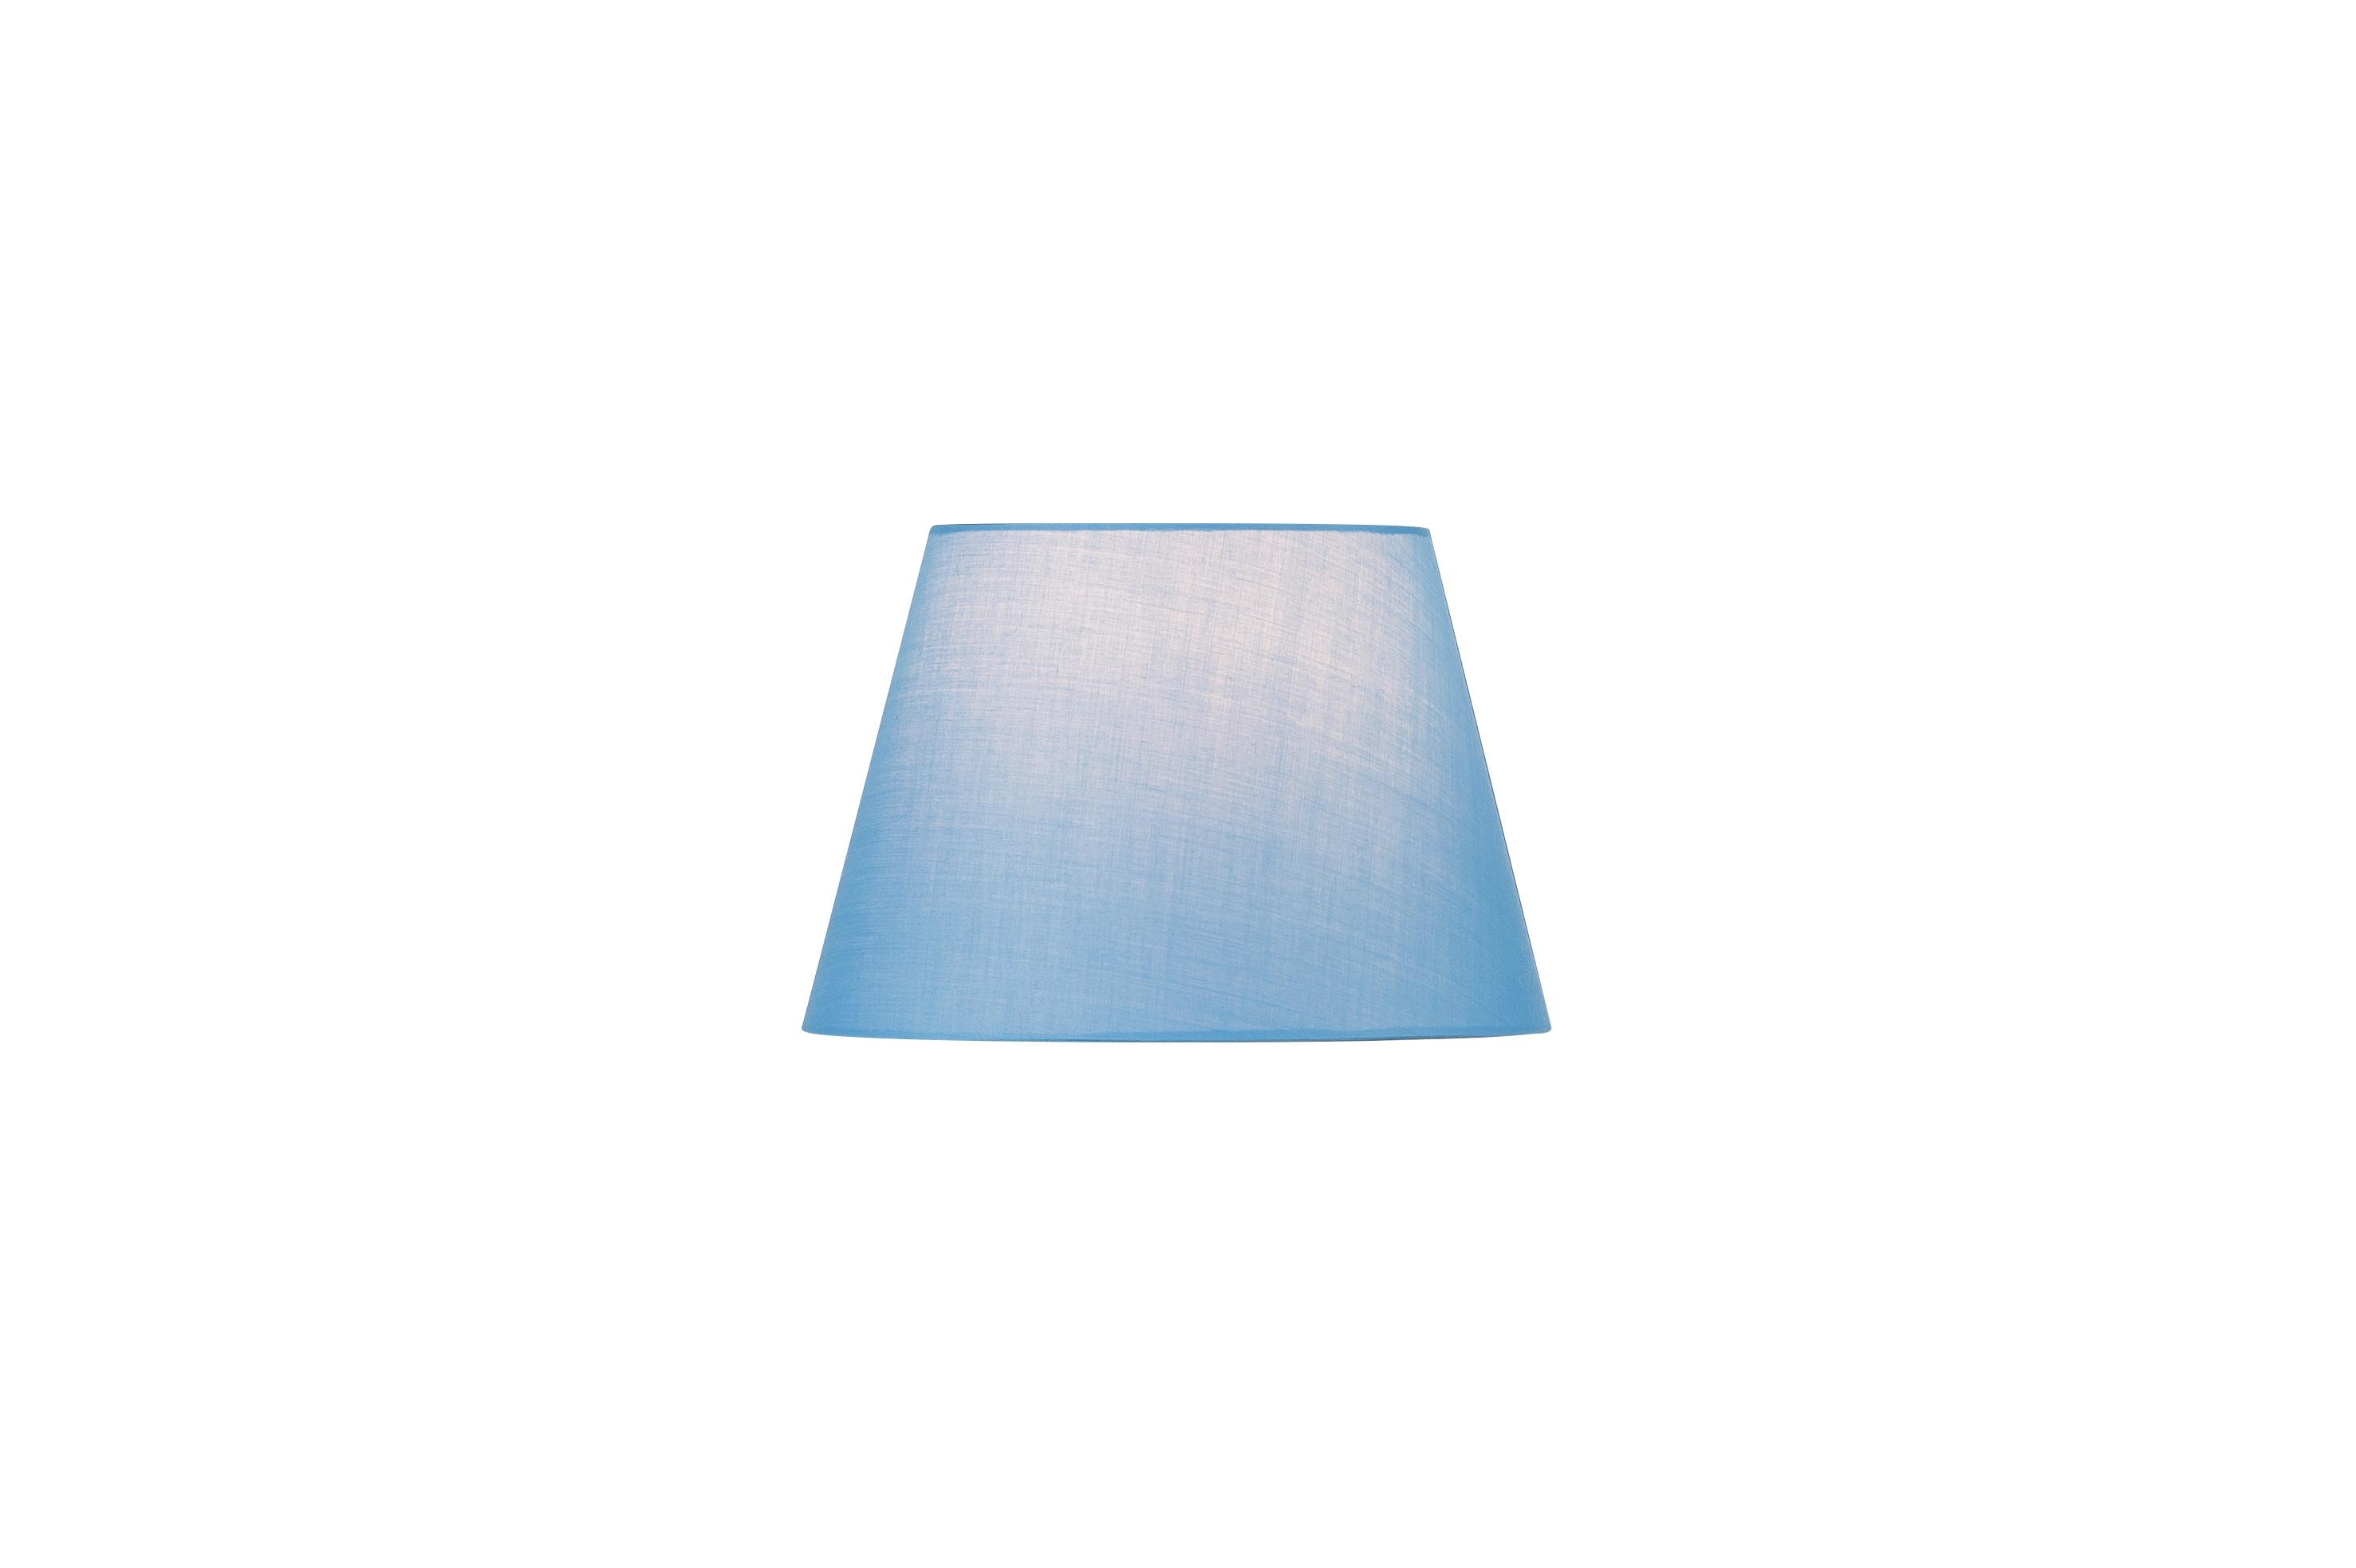 1 Stk FENDA, Leuchtenschirm, konisch, blau, Ø/H 30/20 cm LI156167--